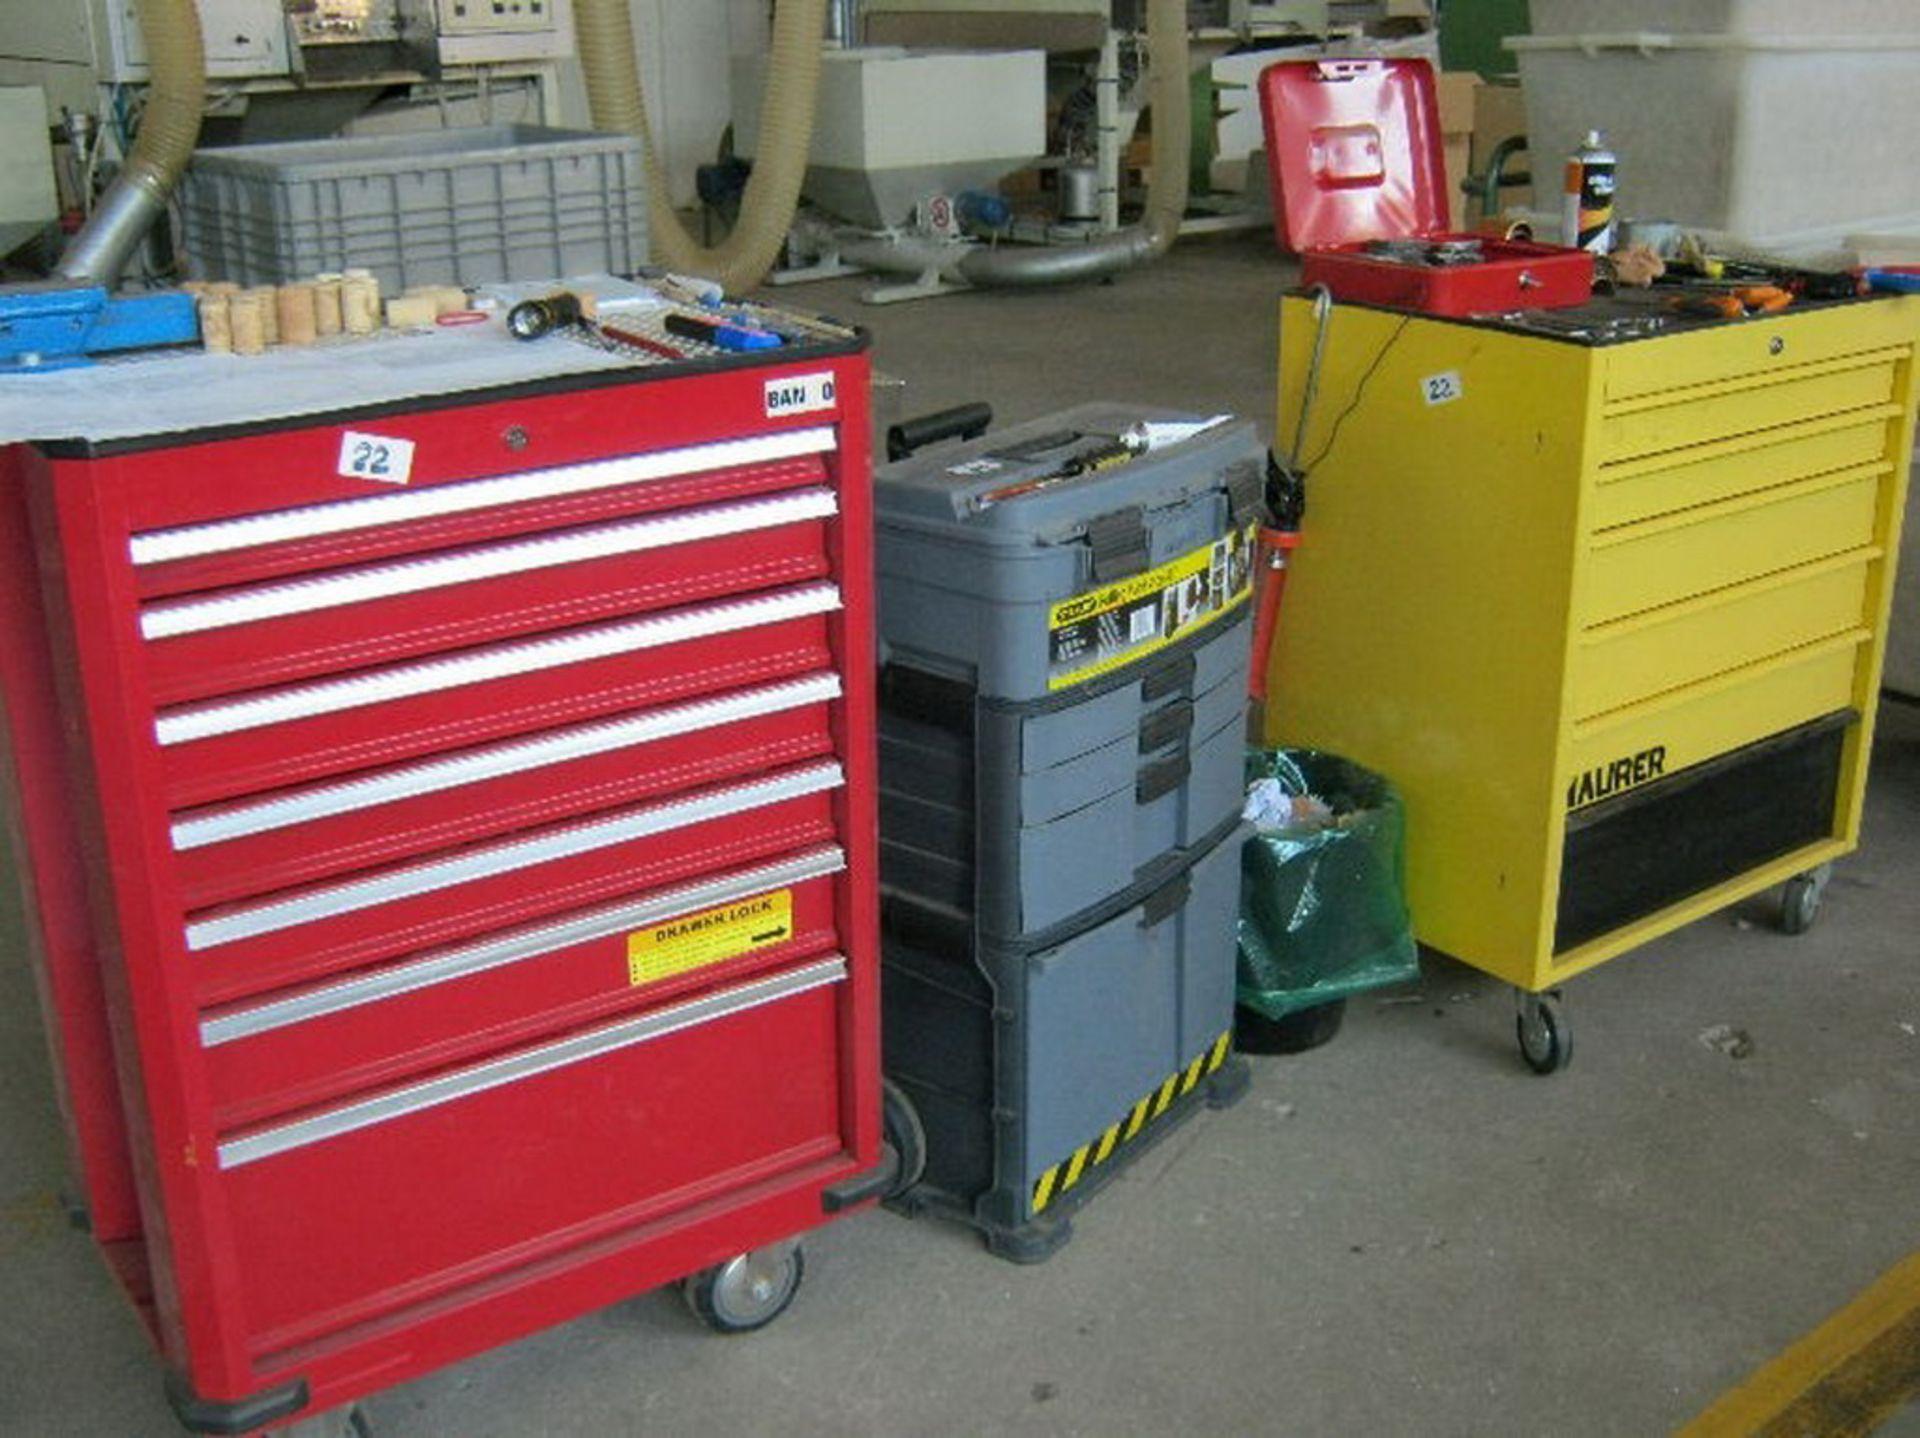 Lot 22 - N. 22 (775 FALLIMENTO) N.2 CARRELI IN METALLO, N.1 CARRELLO IN PLASTICA E N.1 CASSA IN PLASTICA